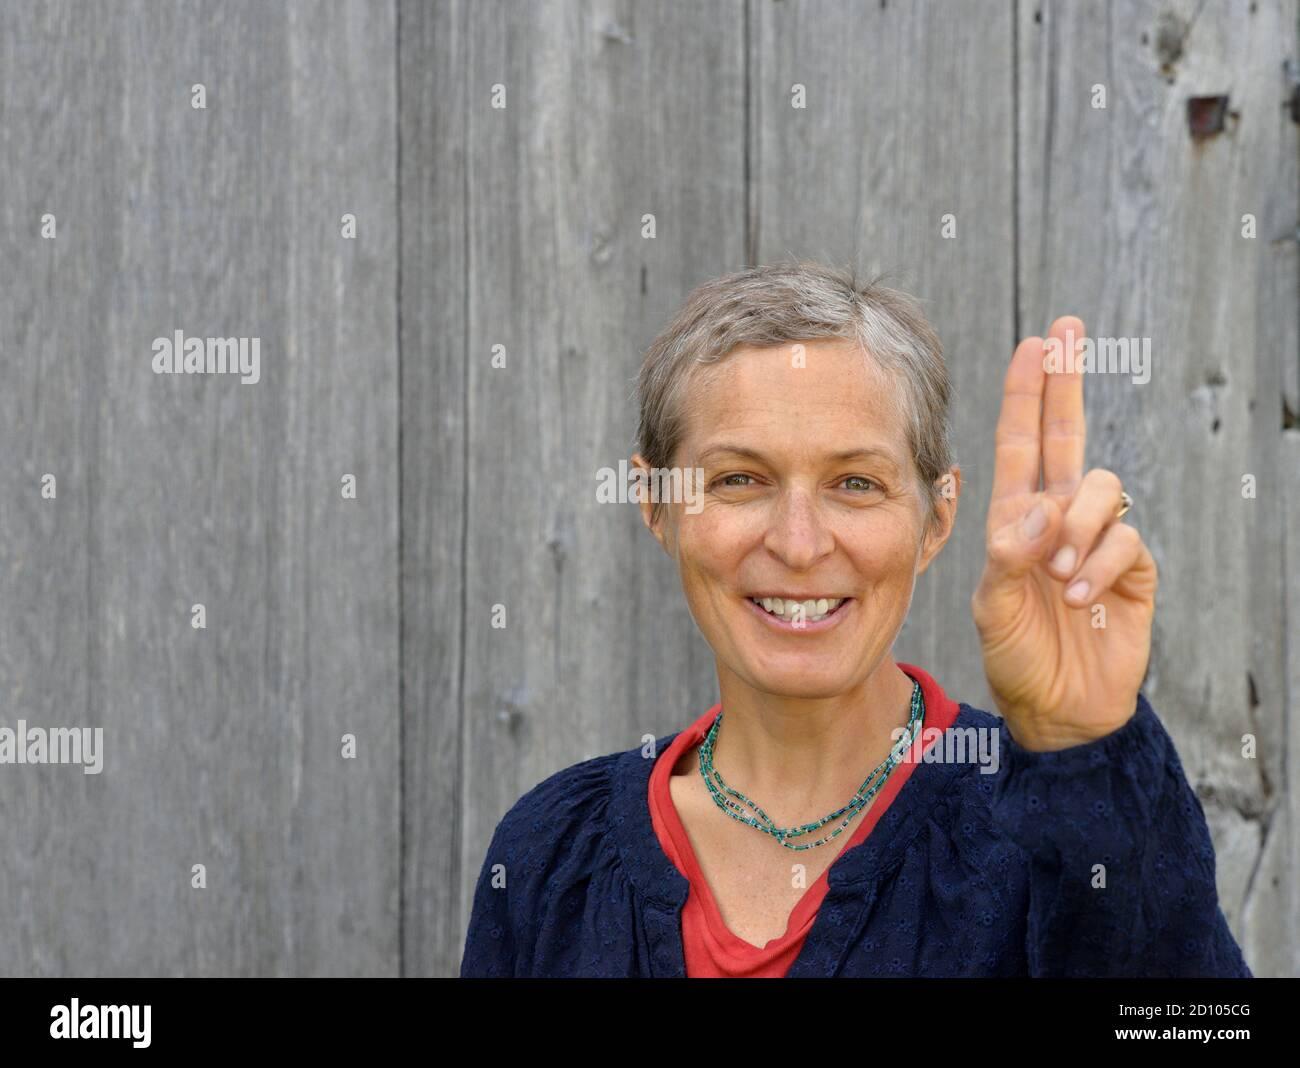 Mujer caucásica positiva de mediana edad con pelo corto (homesteader) hace un juramento con dos dedos, frente a un antiguo fondo de madera de granero. Foto de stock